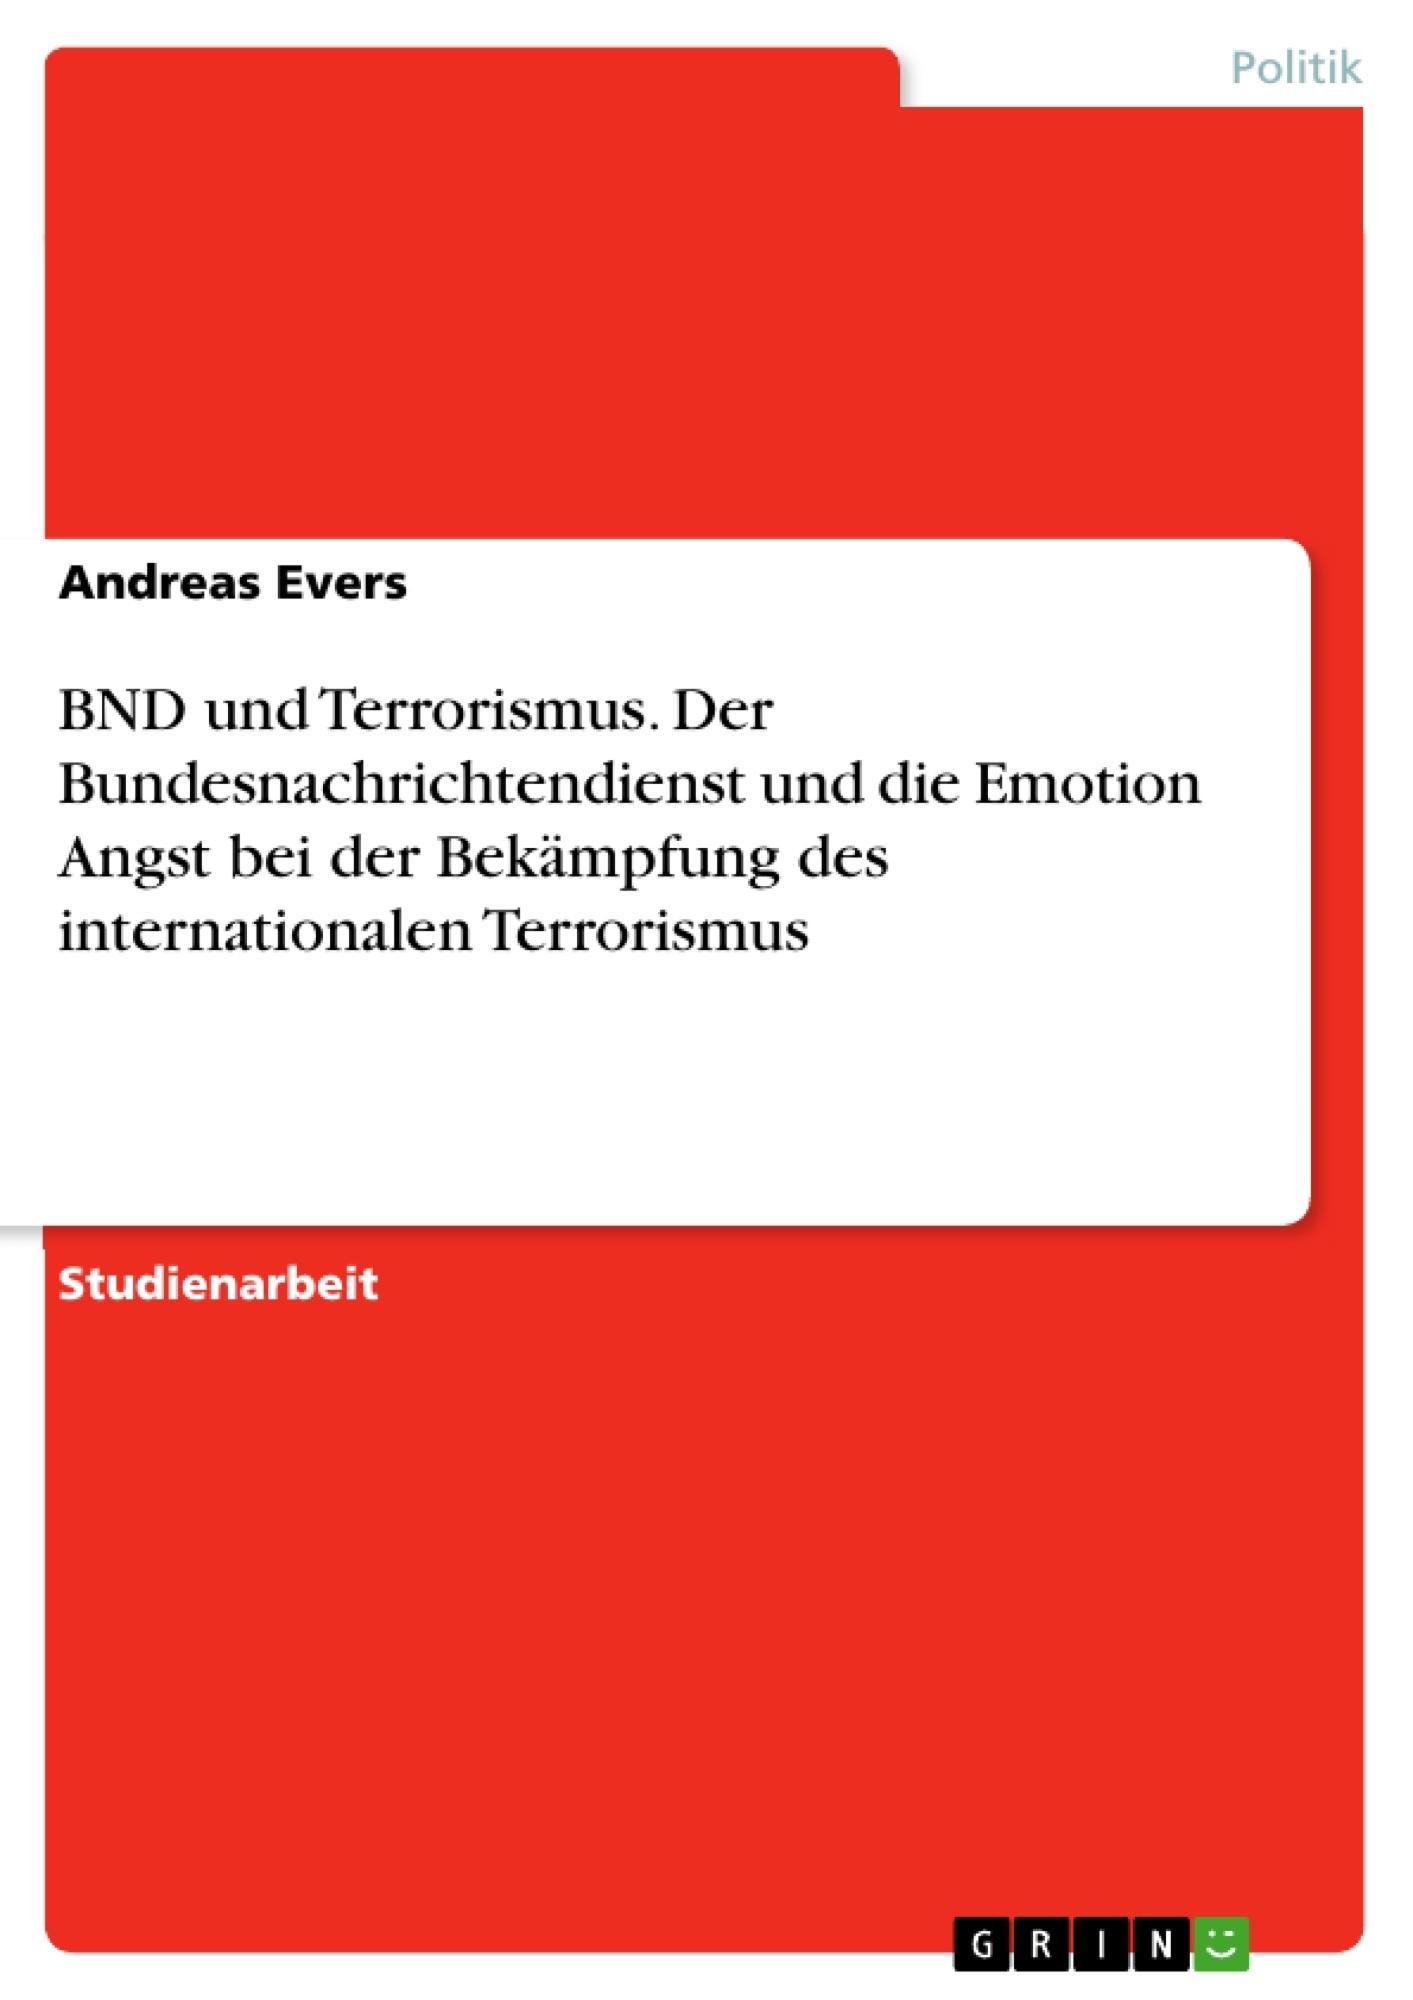 Titel: BND und Terrorismus. Der Bundesnachrichtendienst und die Emotion Angst bei der Bekämpfung des internationalen Terrorismus